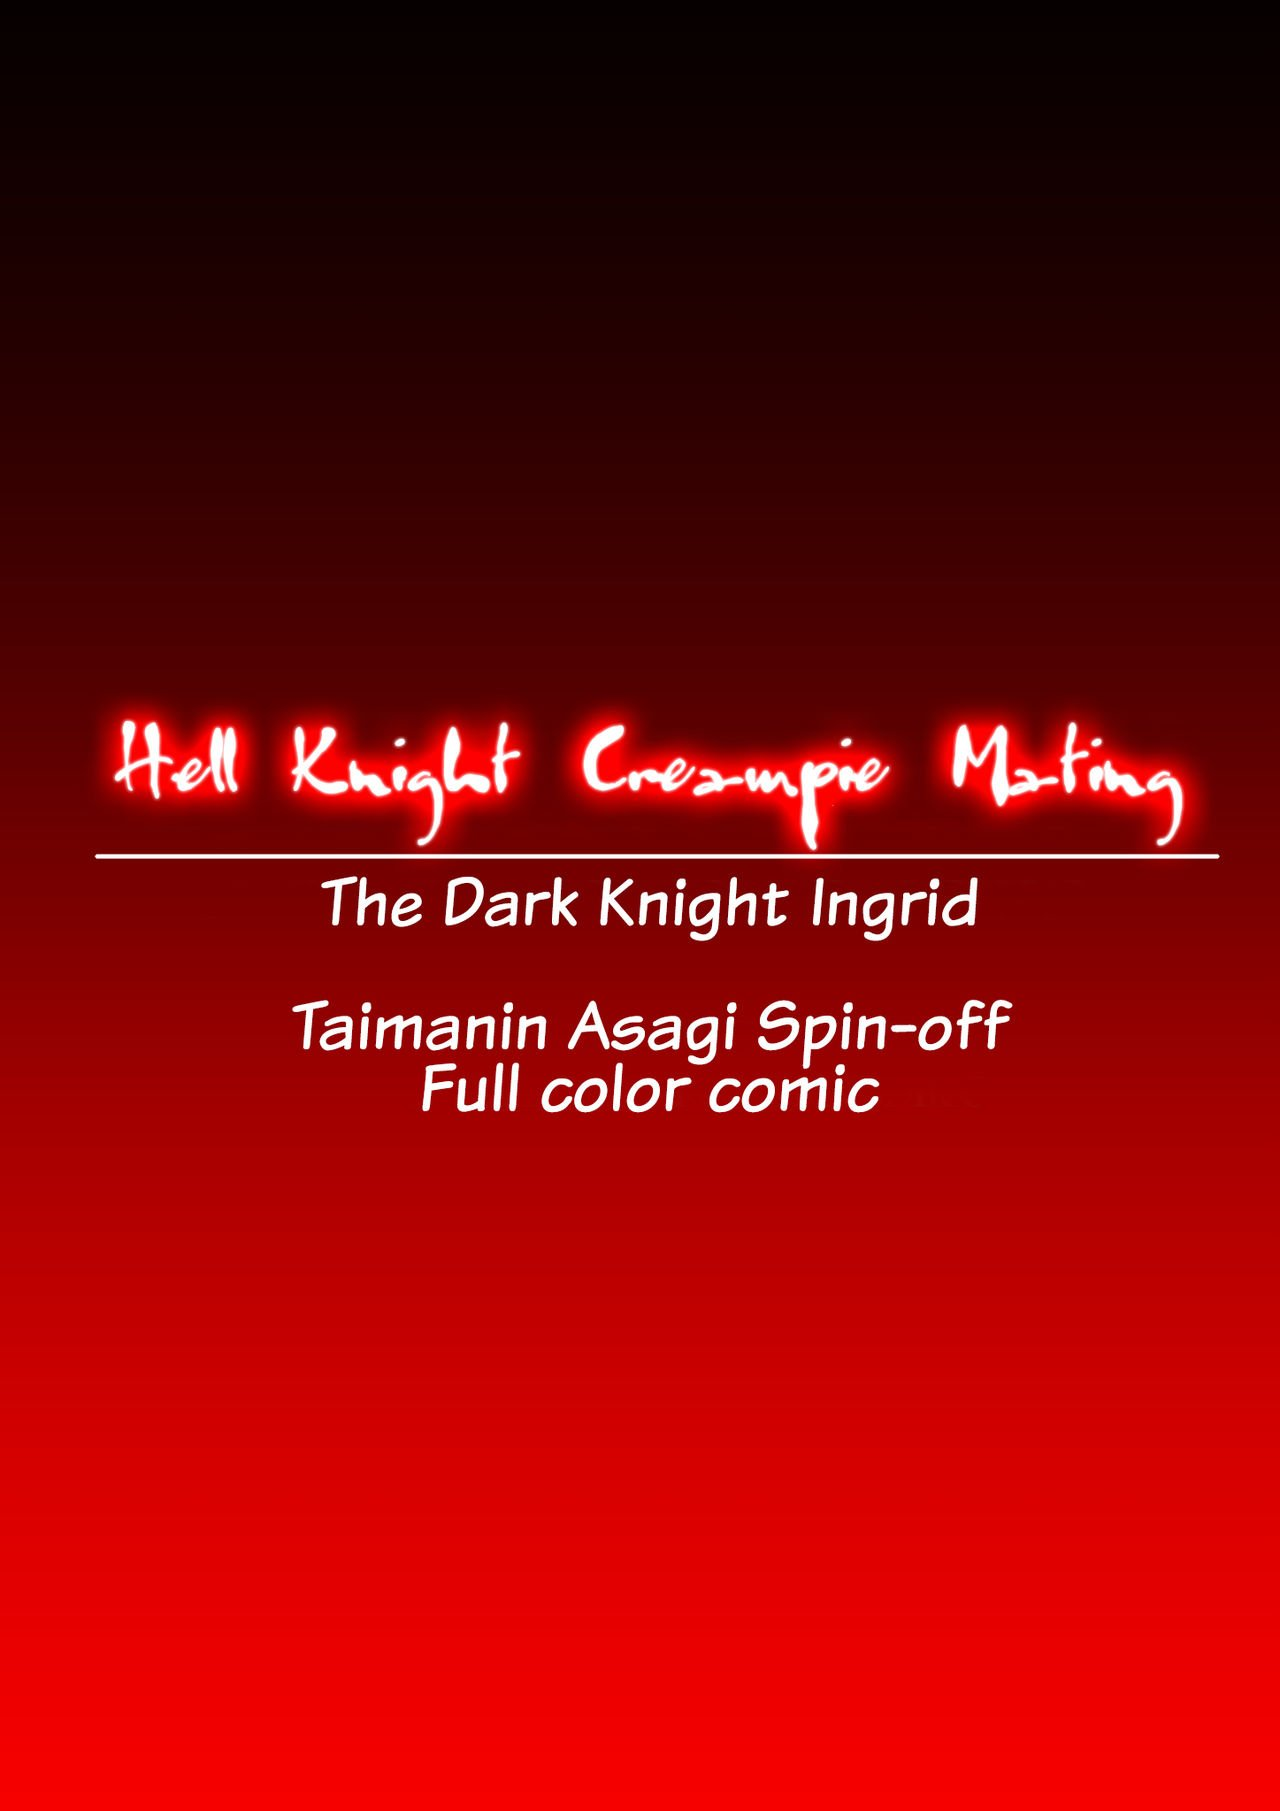 Hell Knight Creampie Mating Dai 13 Kantai 01